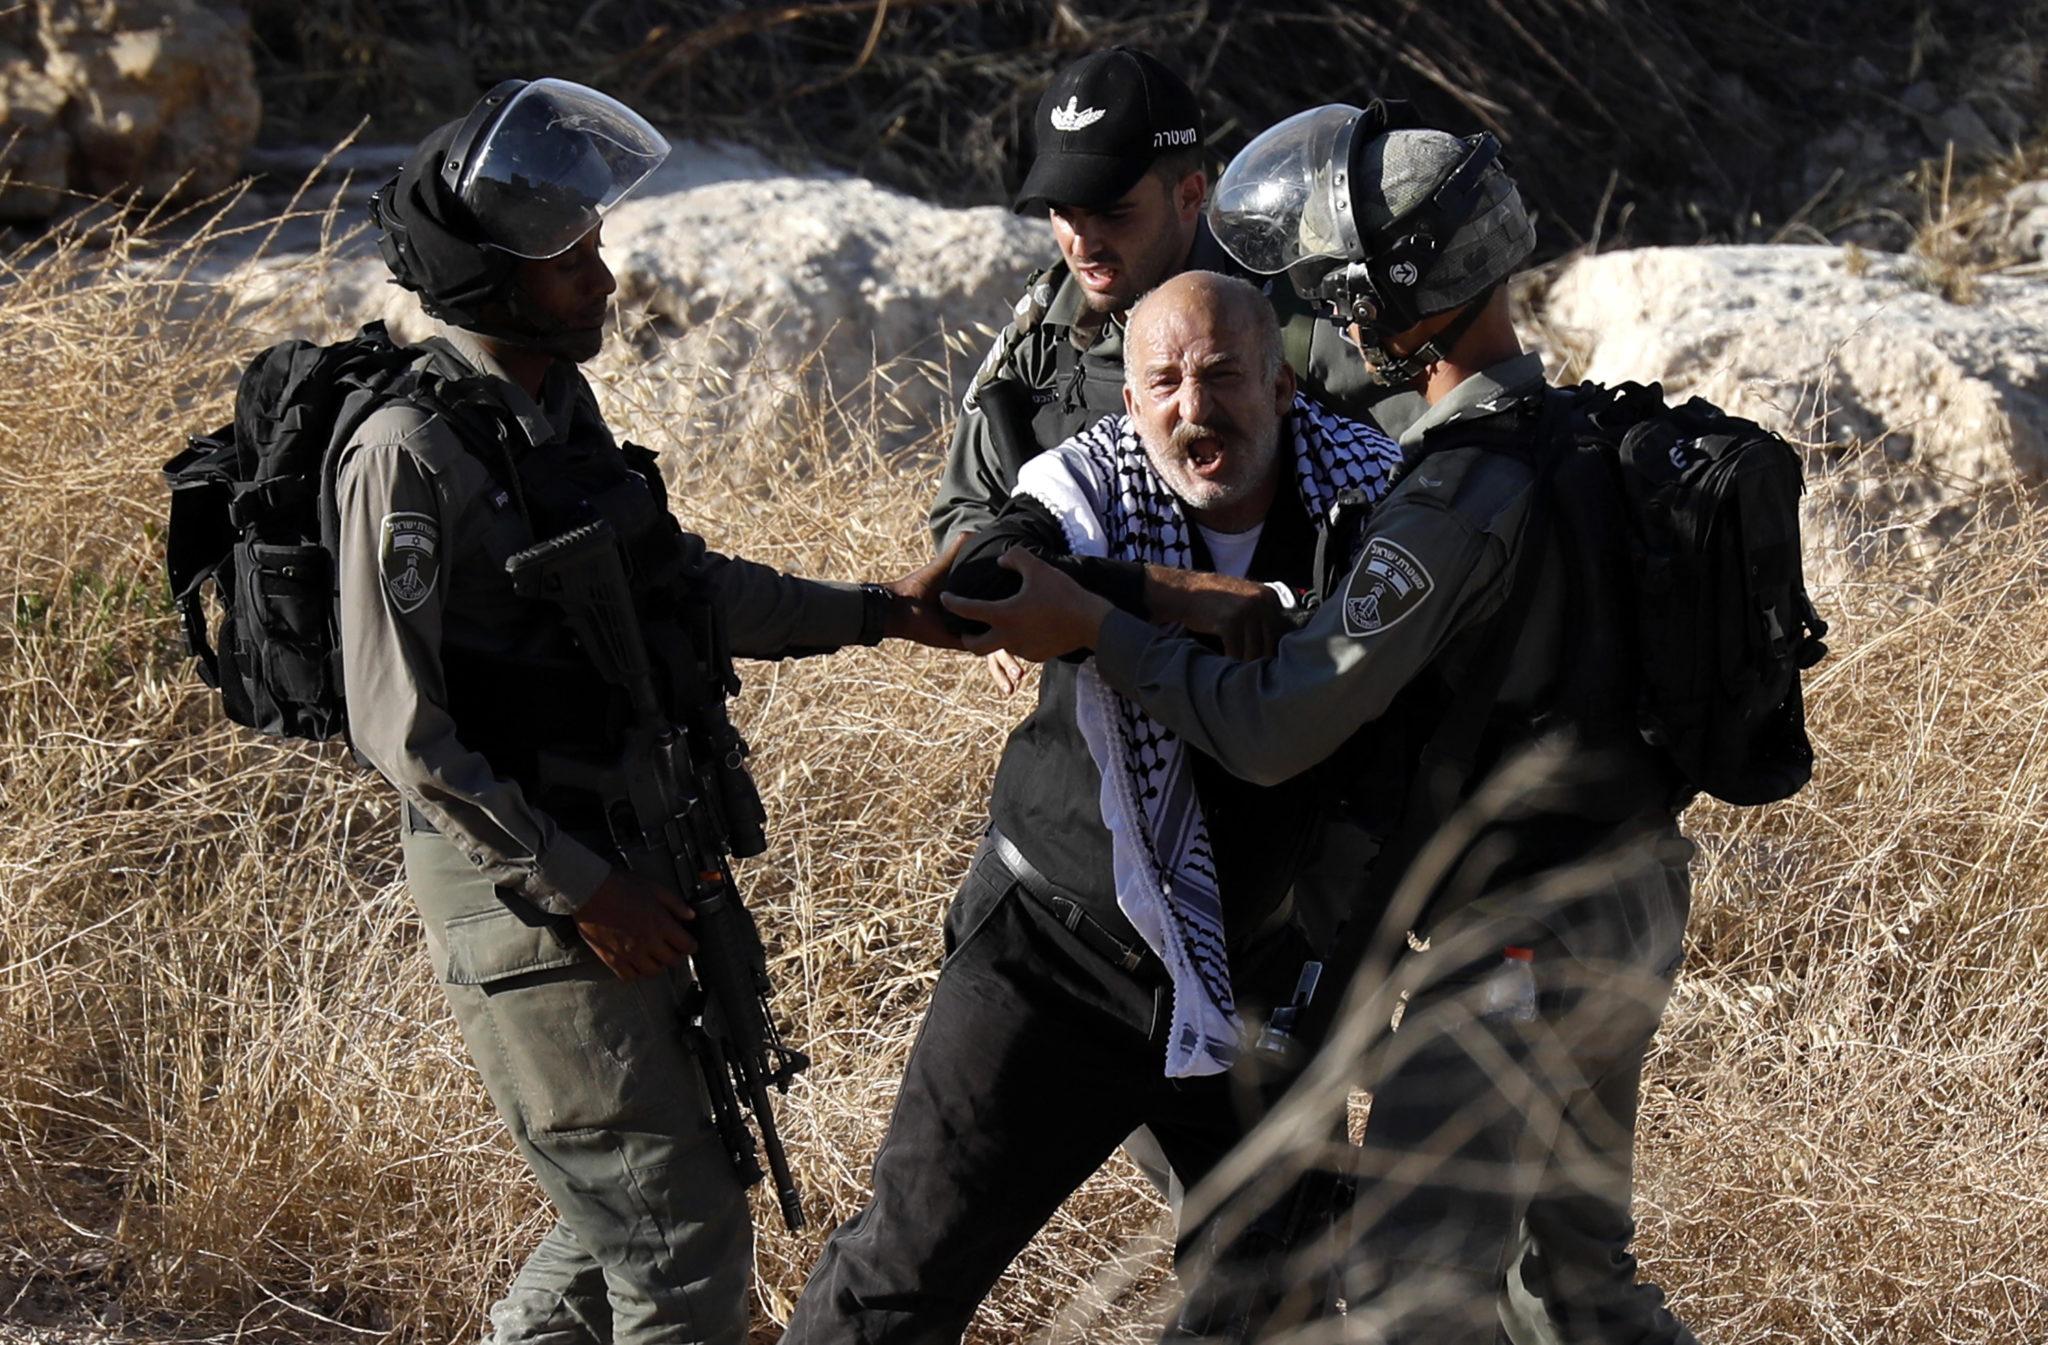 Władze Izraela postanowiły zniszczyć co najmniej sześć mieszkań palestyńskich. Izraelska armia ogłosiła, że budynki są zbyt blisko bariery separacyjnej na Zachodnim Brzegu, fot. ABED AL HASHLAMOUN, PAP/EPA.